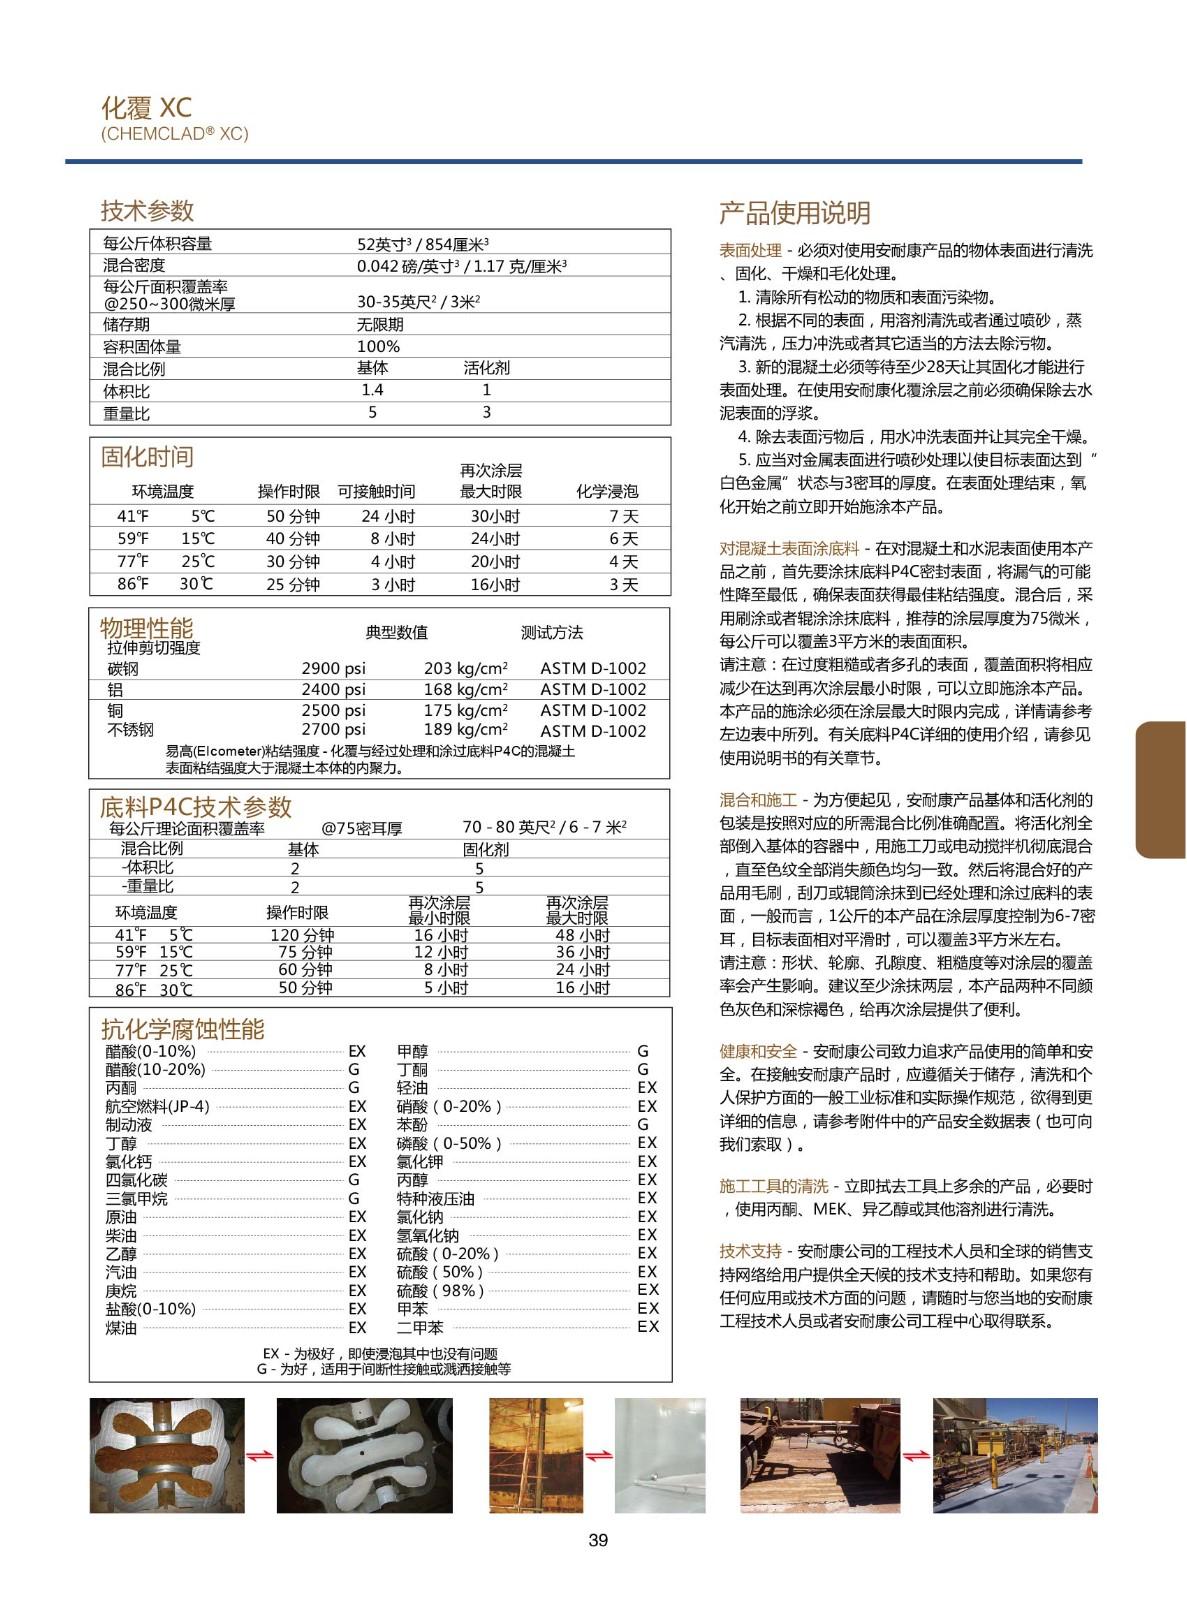 化覆XC技术参数与使用说明.jpg